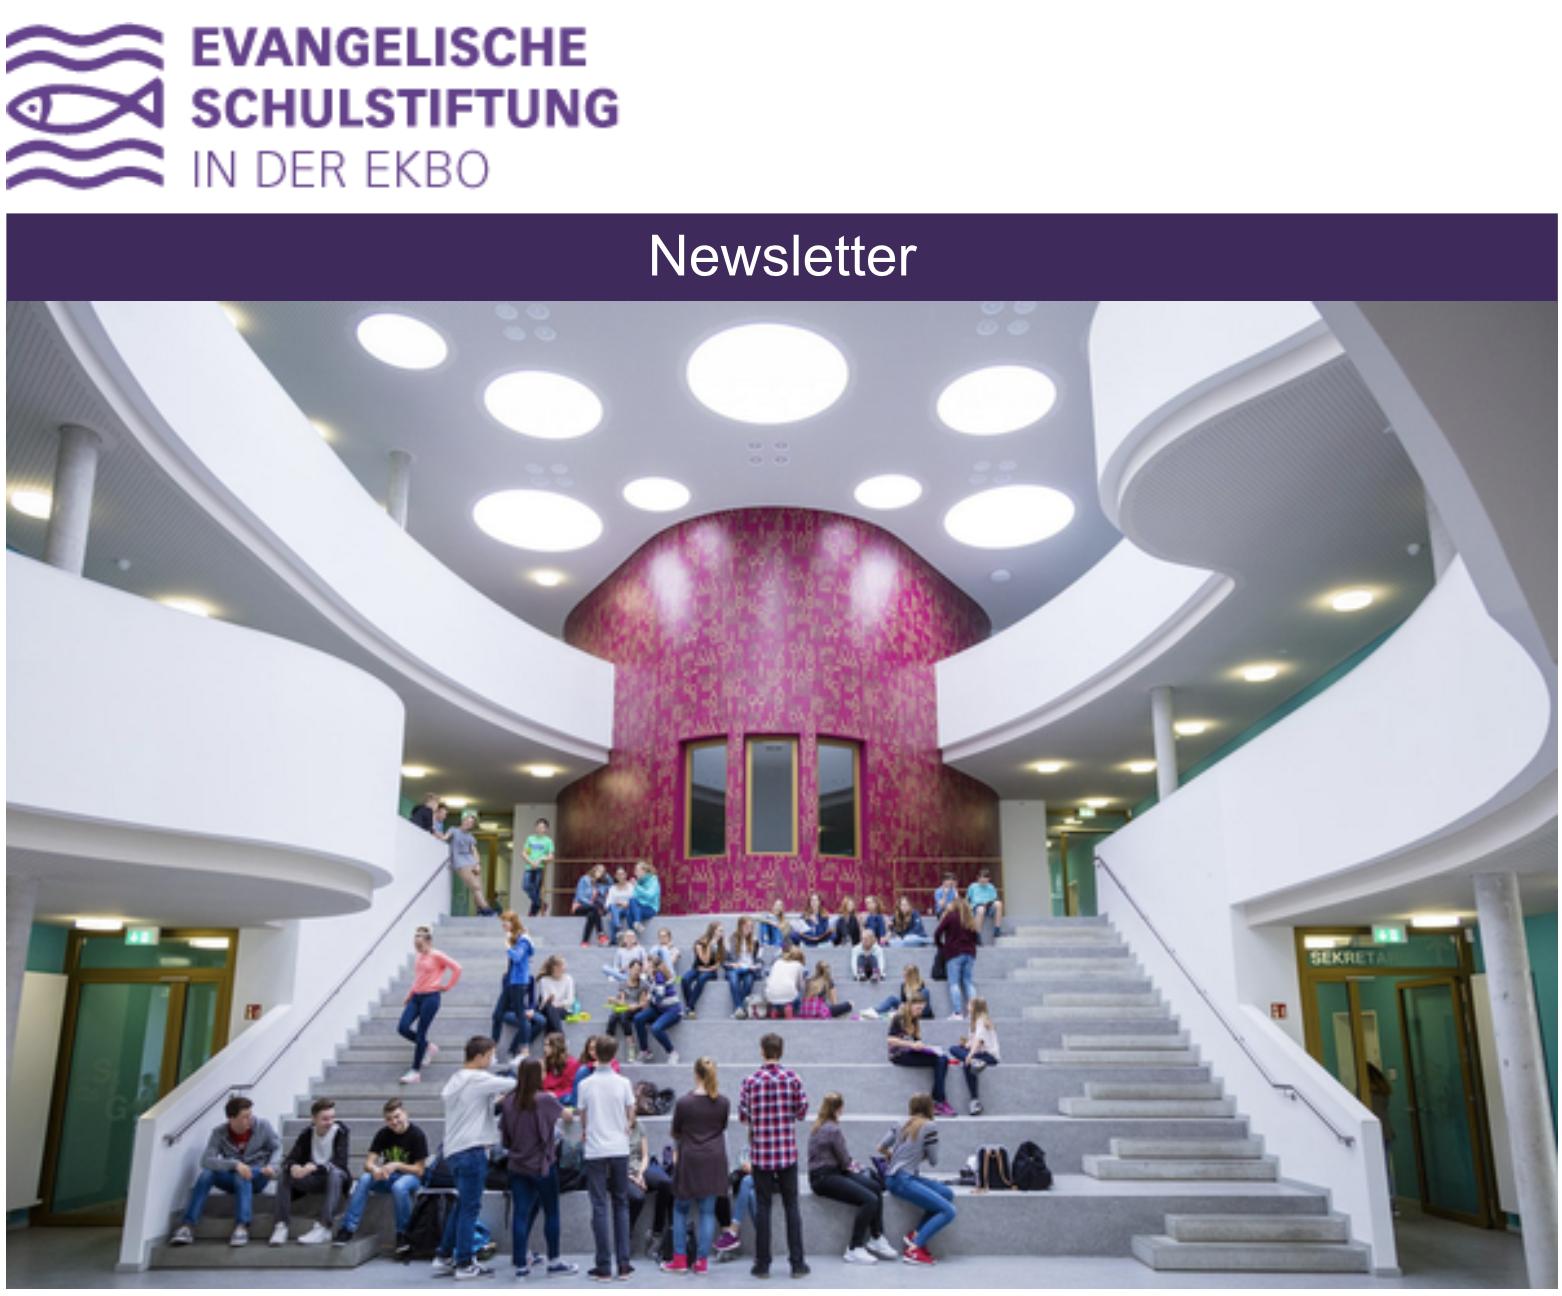 Newsletter der Evangelischen Schulstiftung